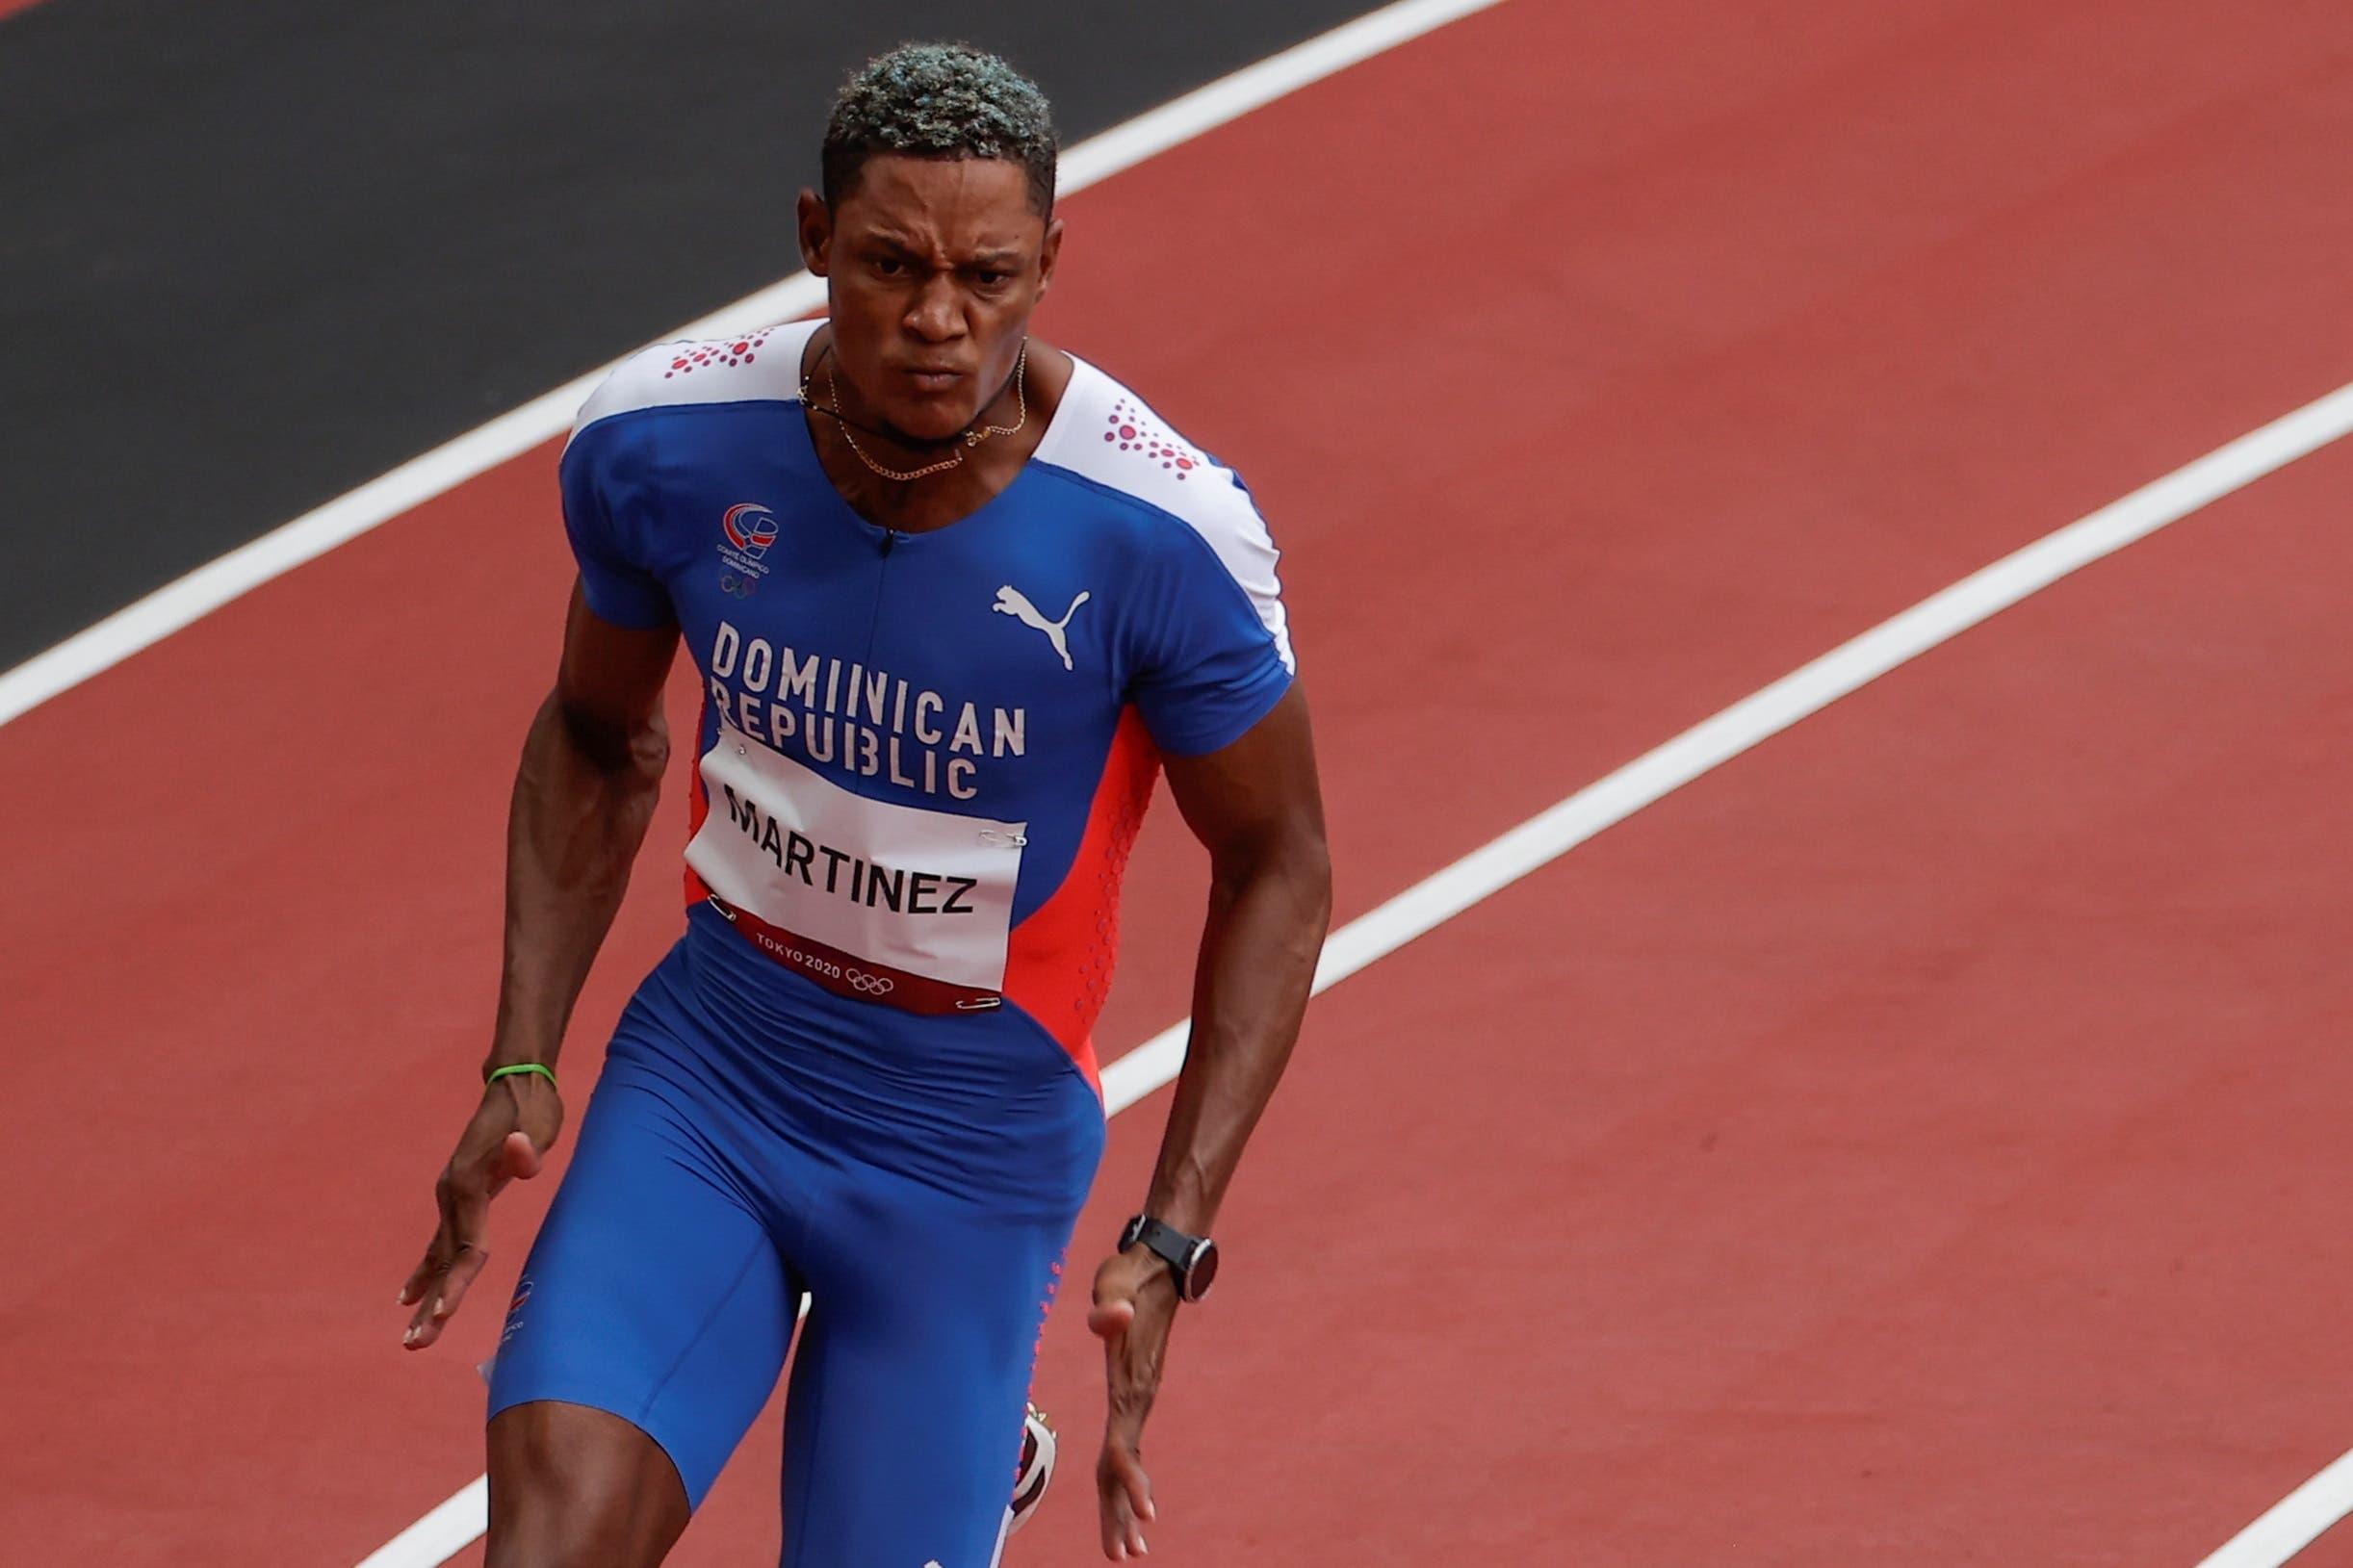 Yancarlos Martínez se queda y no logra avanzar a la final 200 metros en Tokio 2020